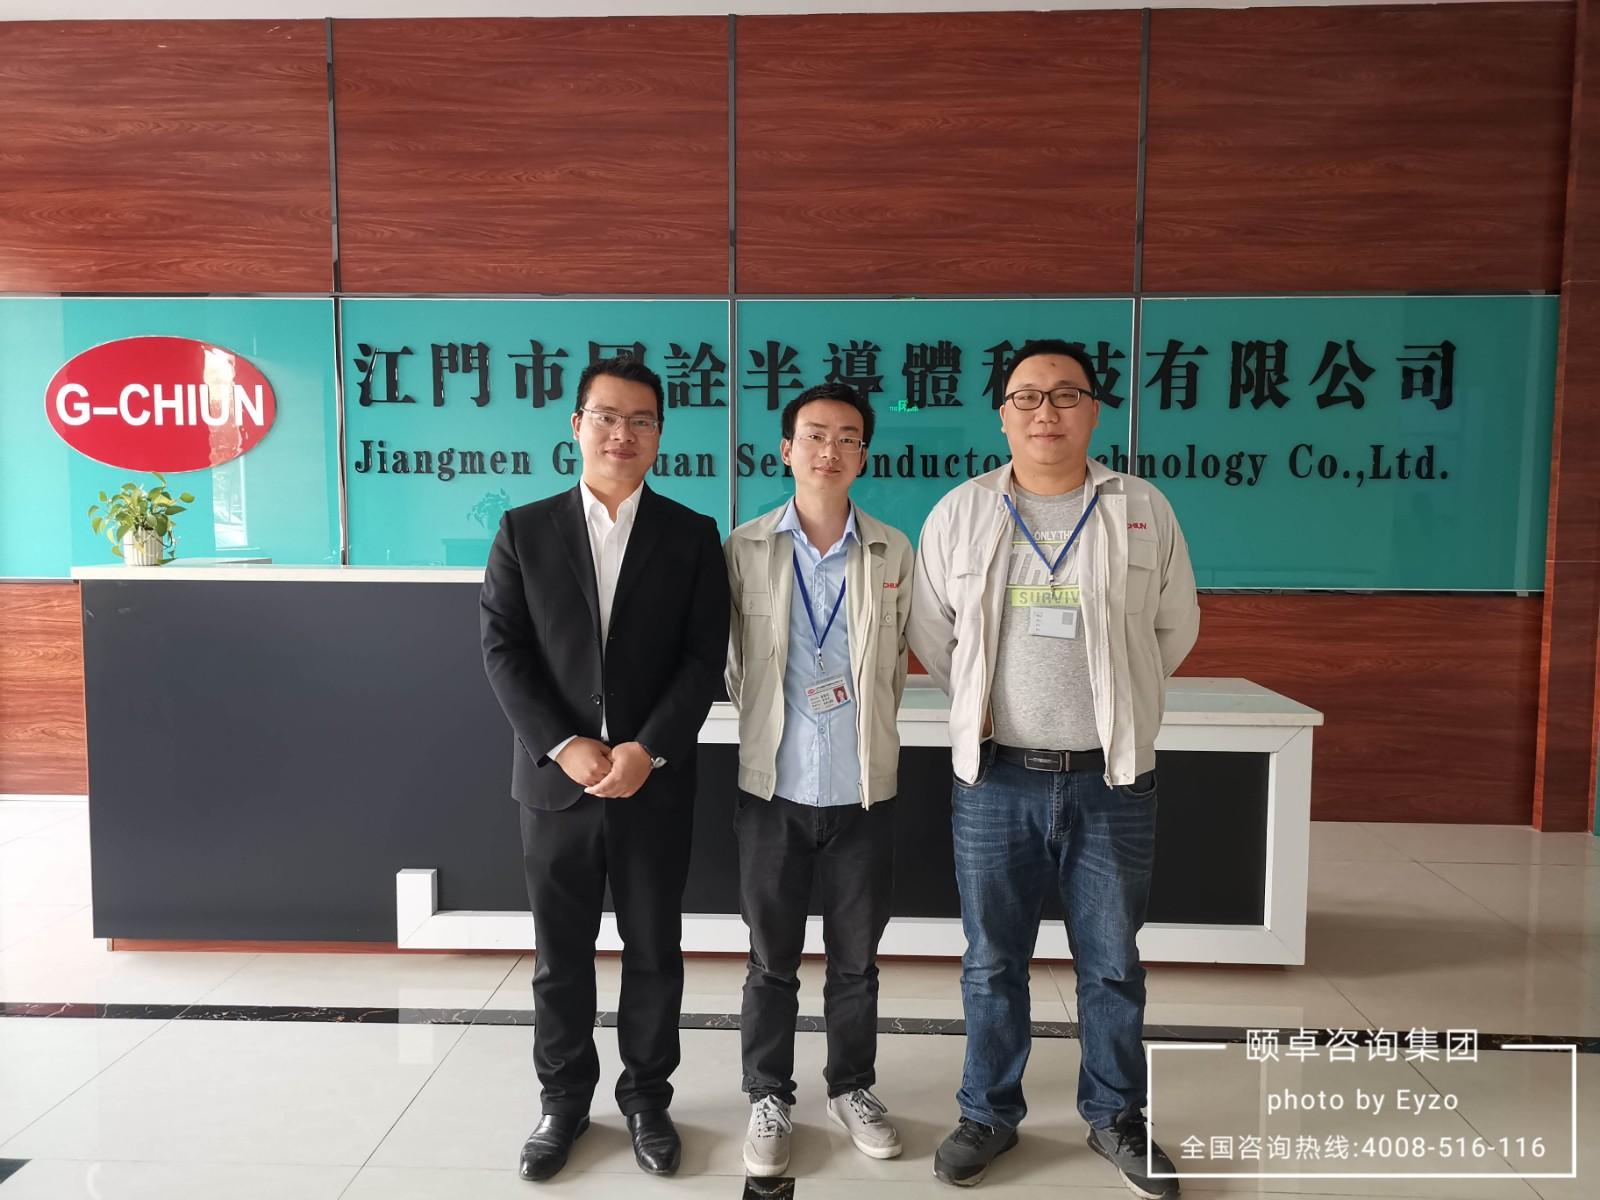 江门国诠签约ued新版官网咨询IATF16949&ISO14001认证咨询服务